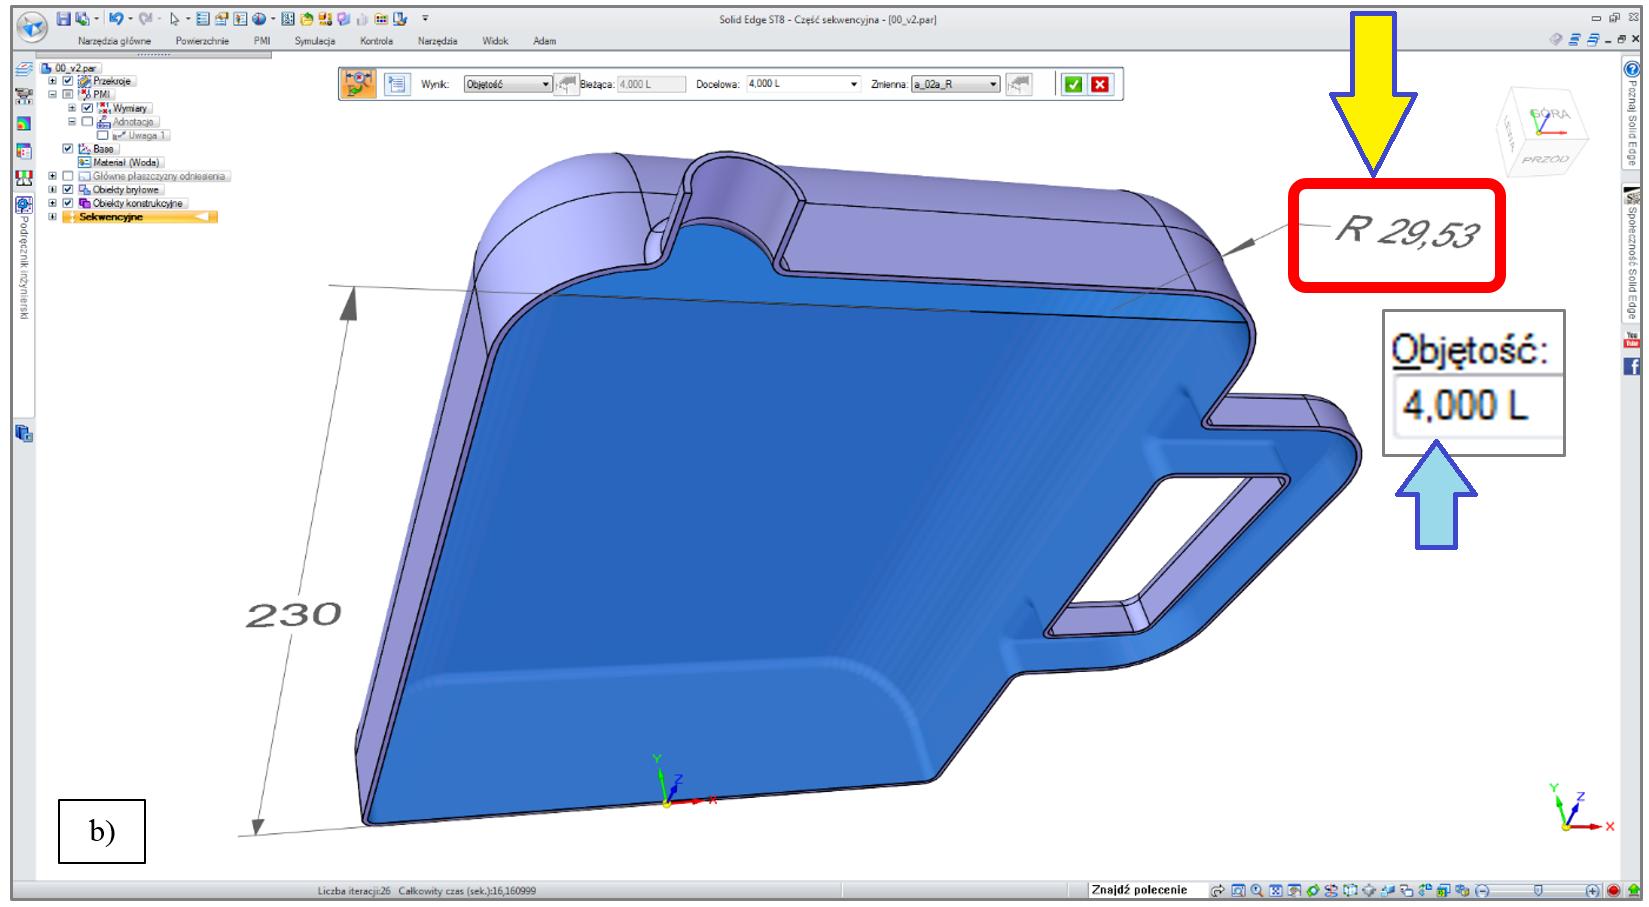 """Model CAD butelki polimerowej, będący przedmiotem optymalizacji (szukano takiej postaci geometrii wyrobu, dla którego objętość wnętrza do """"poziomu lustra cieczy"""" będzie wynosiła dokładnie 4 L)"""